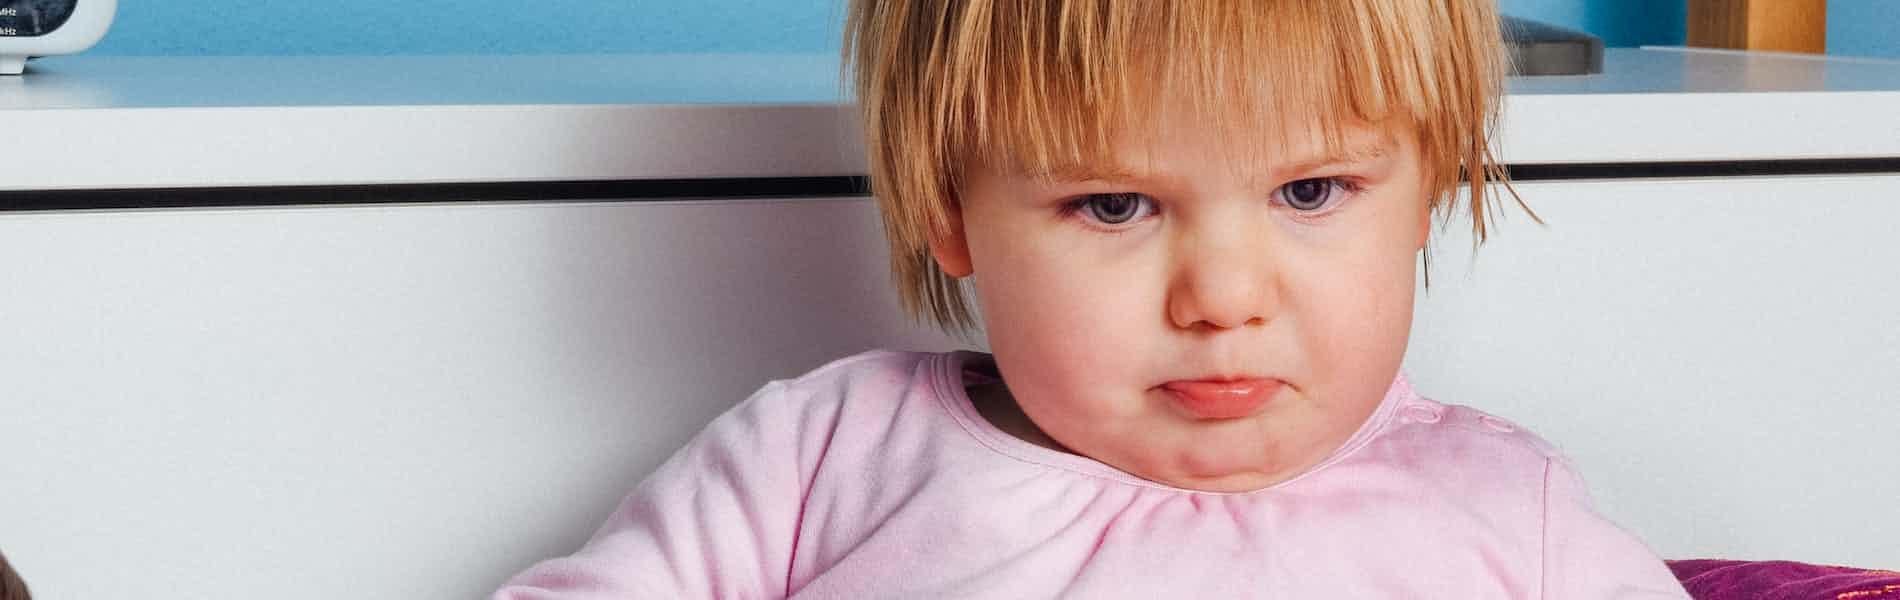 הפרעות ובעיות שינה בקרב ילדים עם הפרעות מהספקטרום האוטיסטי